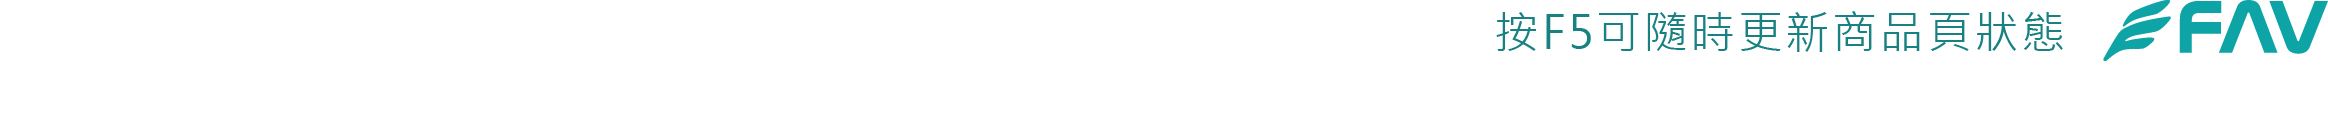 299免運 / 台灣製 / 加大除臭無痕襪【3雙】 除臭無痕男襪 / 現貨 / 襪子【FAV】【691】